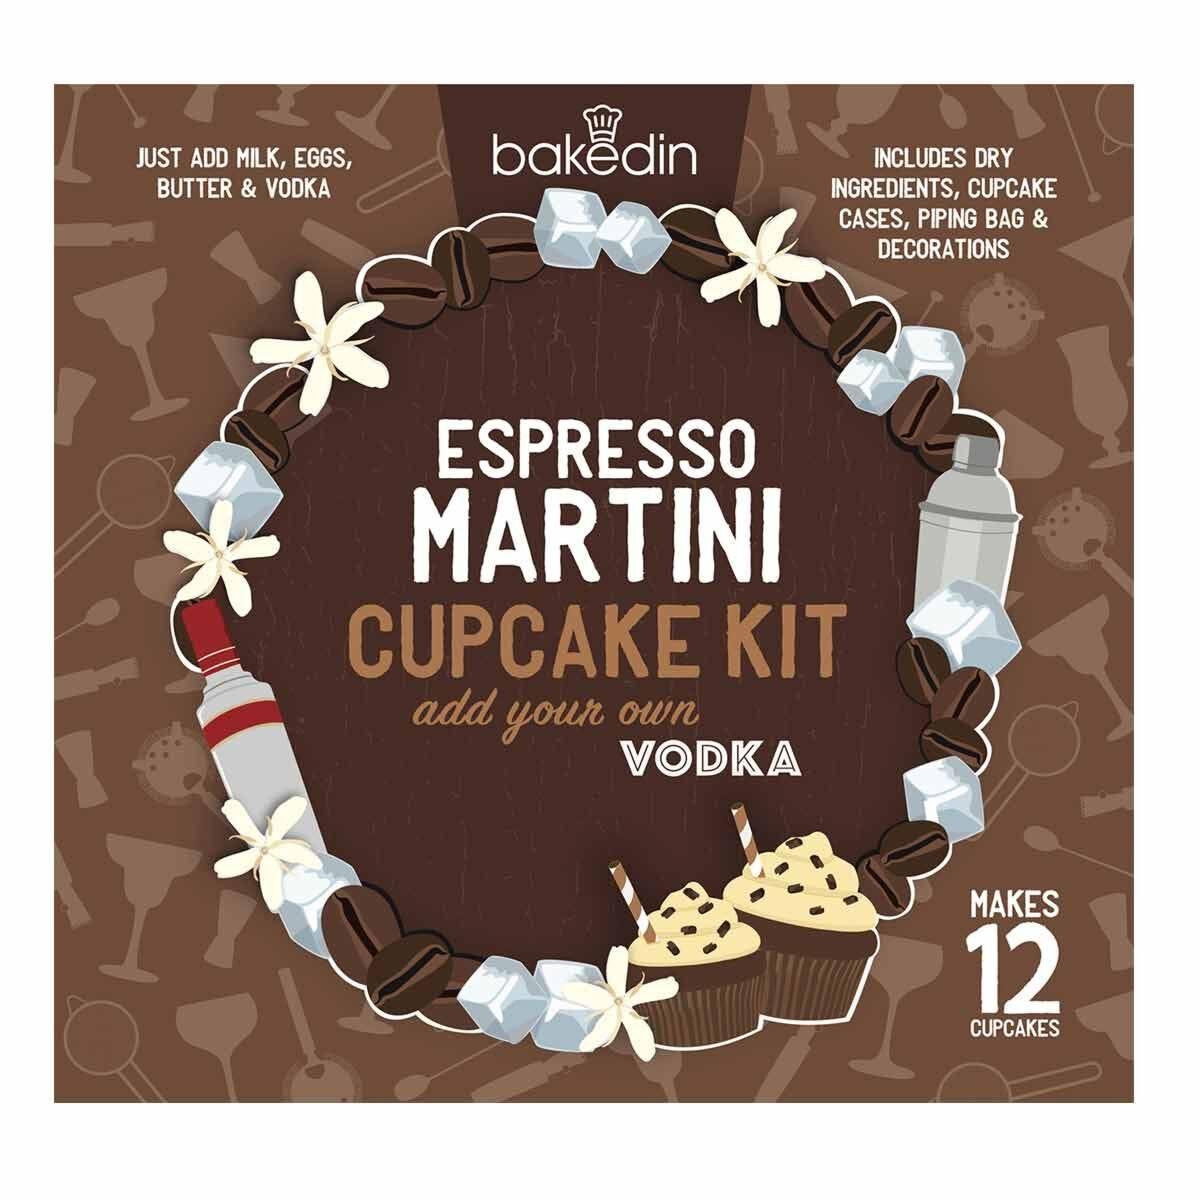 Bakedin Espresso Martini Cupcake Baking Kit